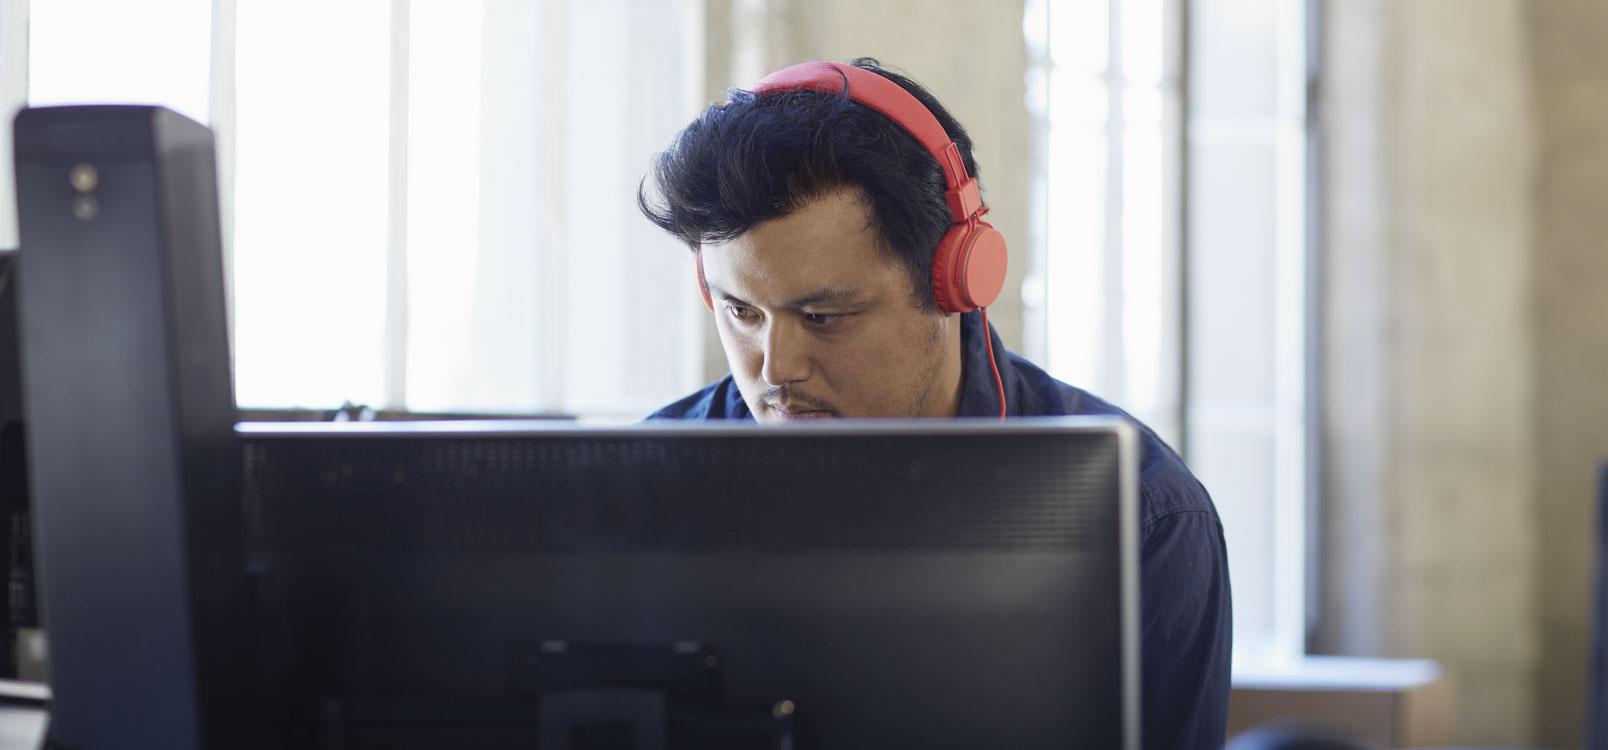 Một người đàn ông đang đeo tai nghe, làm việc với PC để bàn, sử dụng Office 365 để đơn giản hóa CNTT.